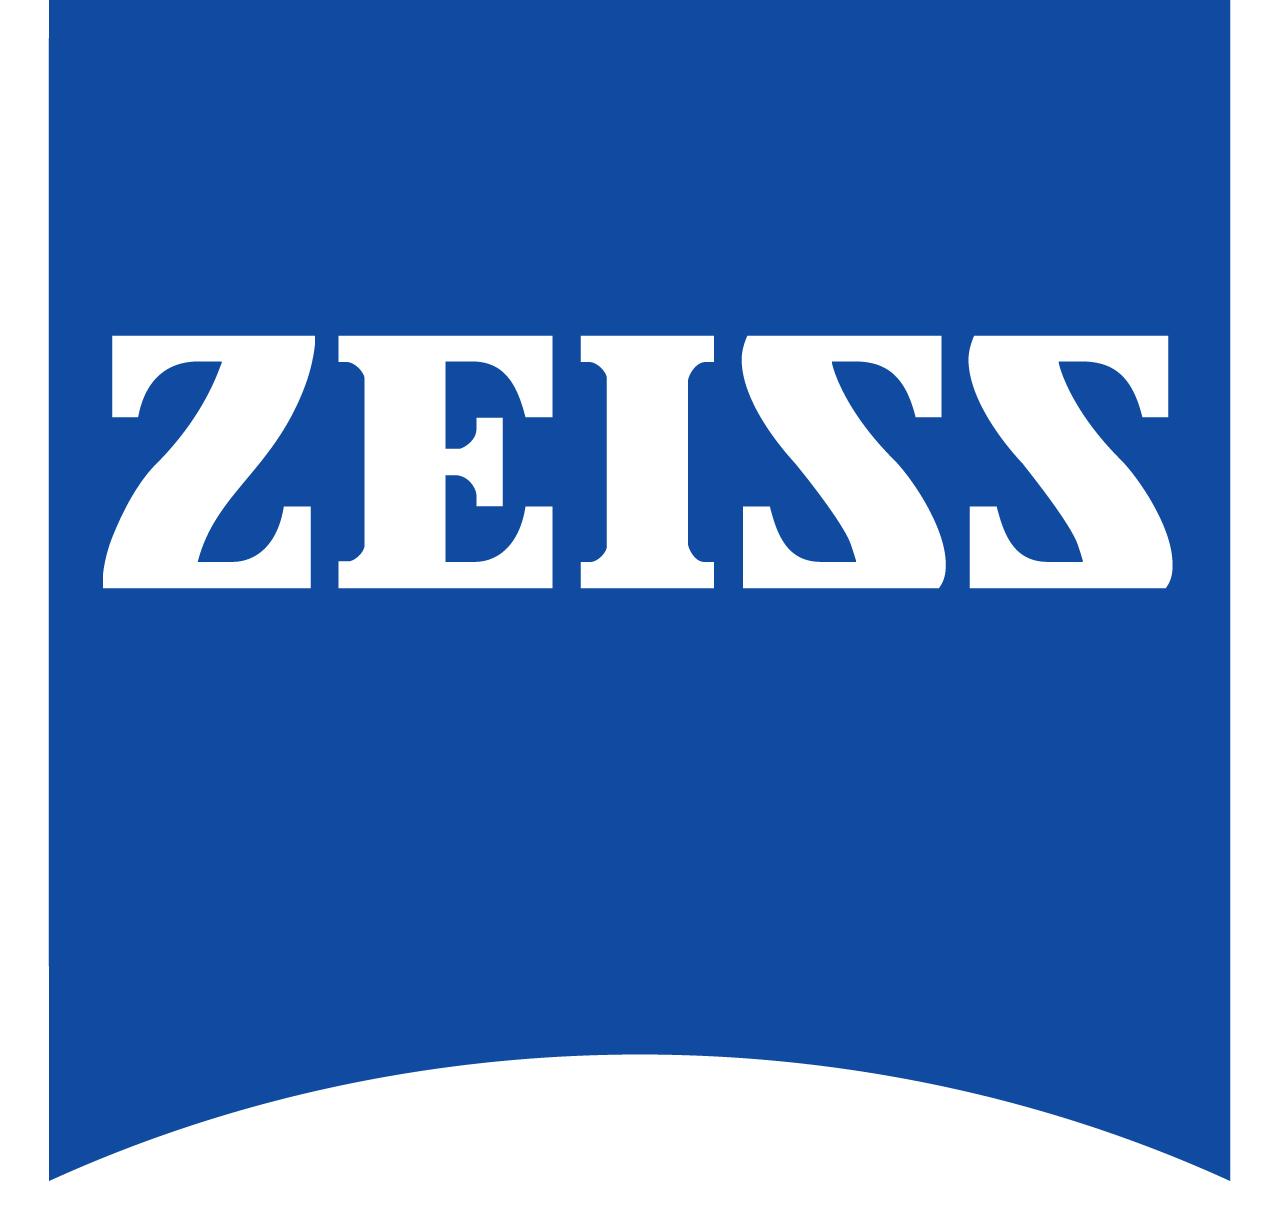 Alquiler ópticas de cine ZEISS - Madrid, Malaga, Sevilla, Mallorca, Valencia, Bilbao